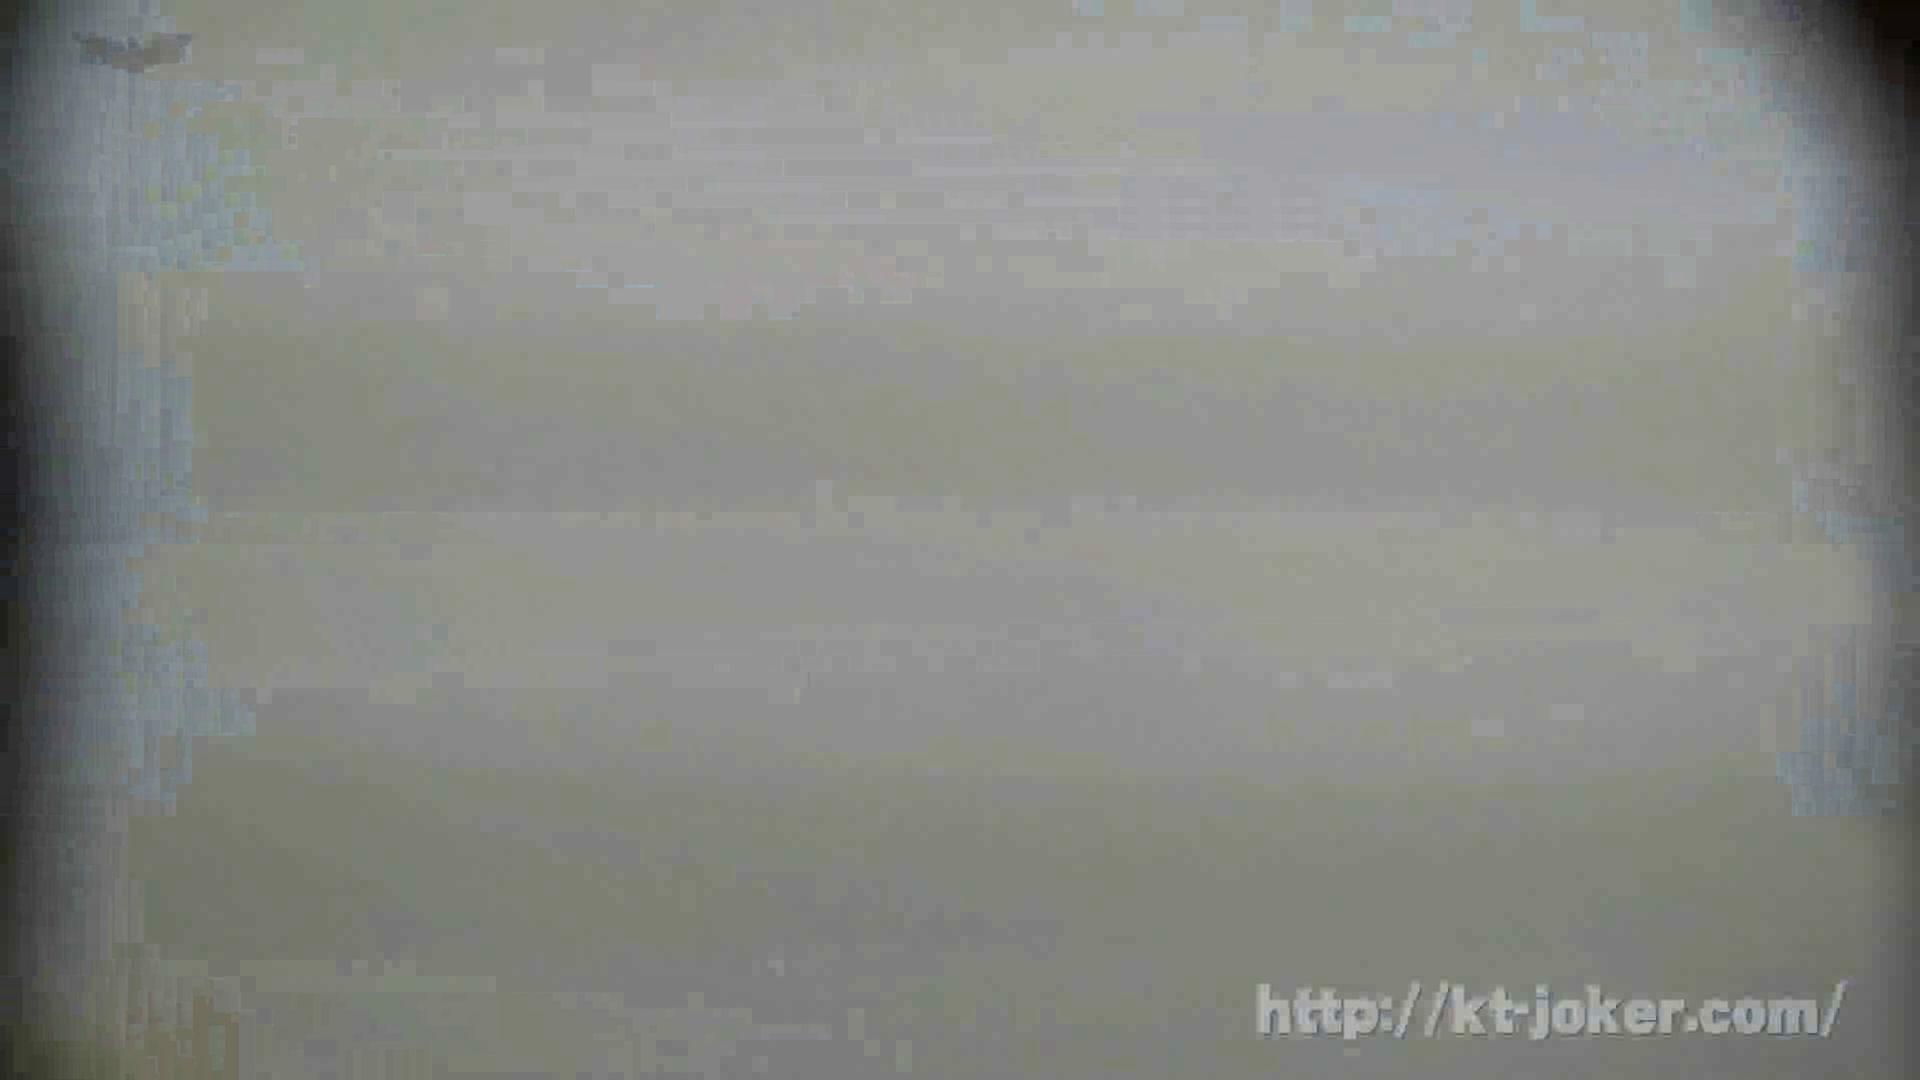 命がけ潜伏洗面所! vol.71 典型的な韓国人美女登場!! エロティックなOL AV動画キャプチャ 97画像 50